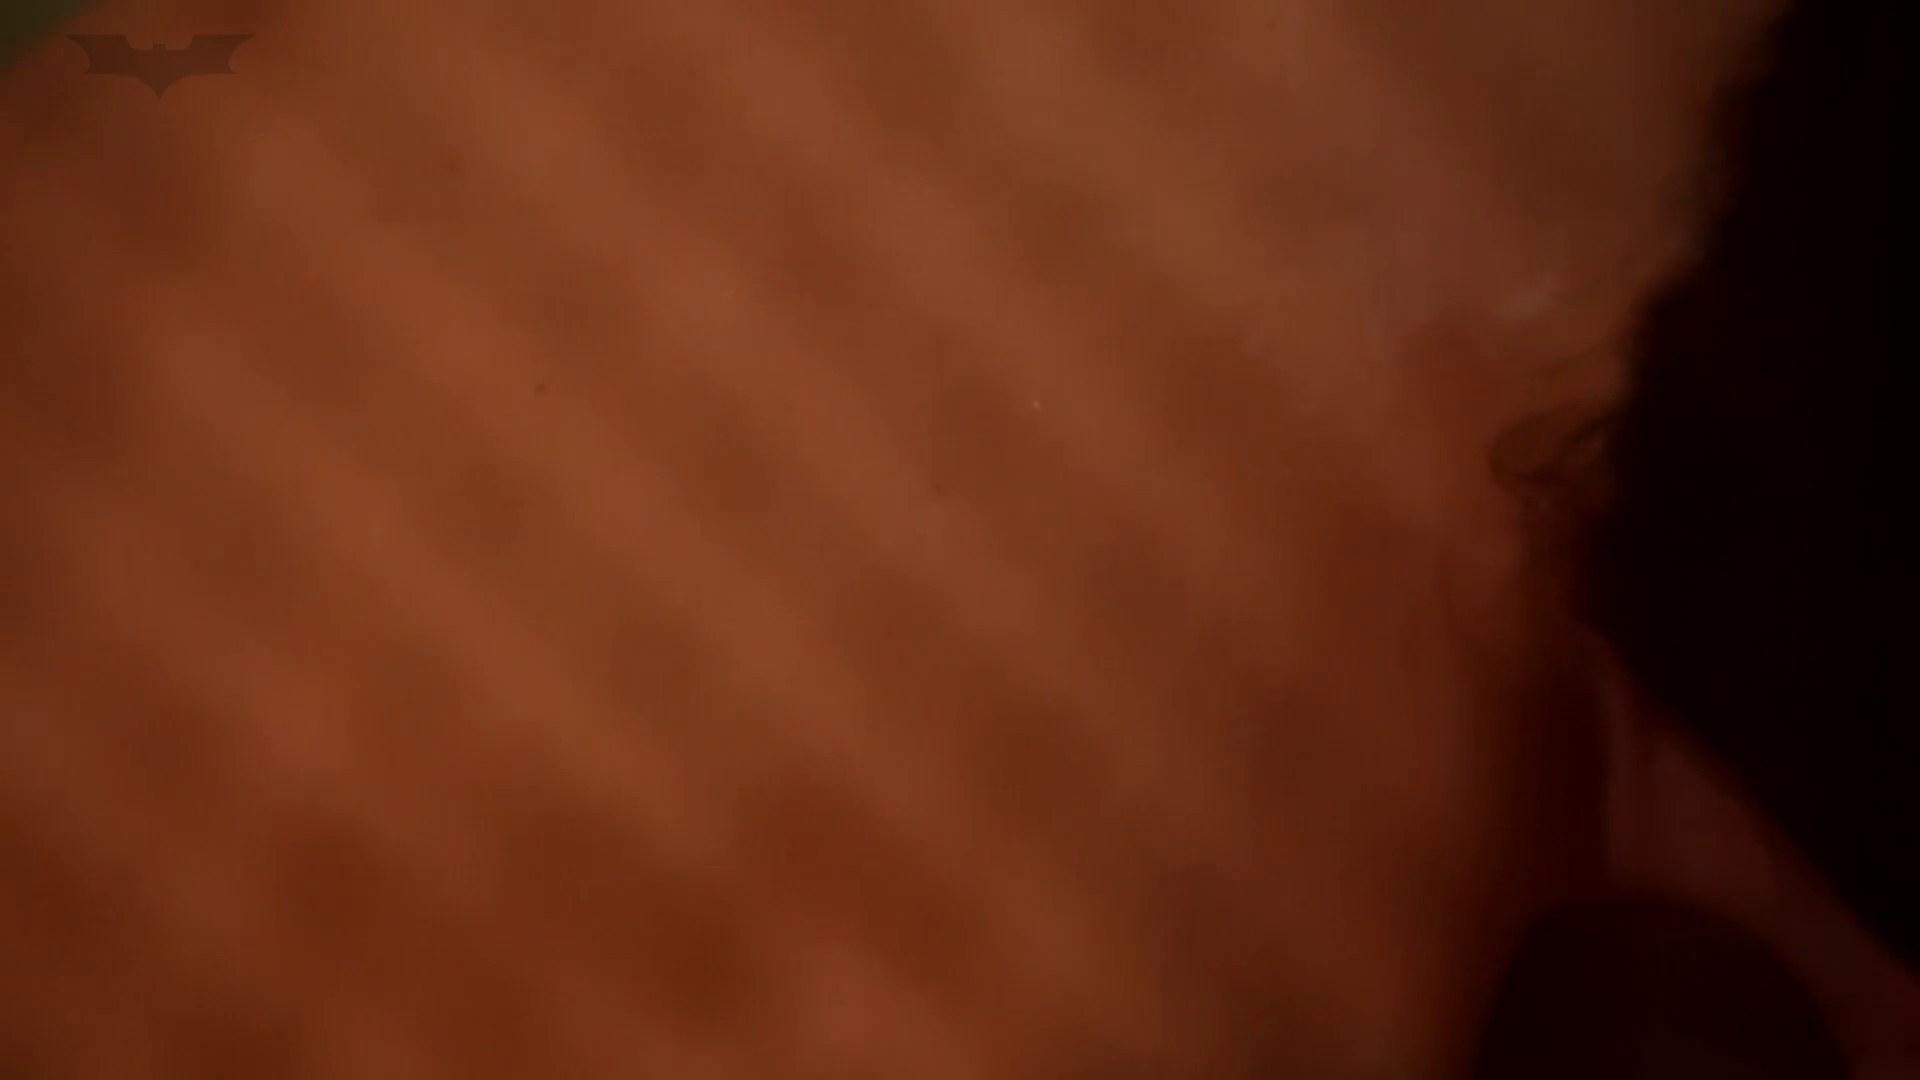 *華の女子寮ノゾキ* vol.04 陸上系?就活中のお女市さんJD 女子寮 すけべAV動画紹介 74pic 35